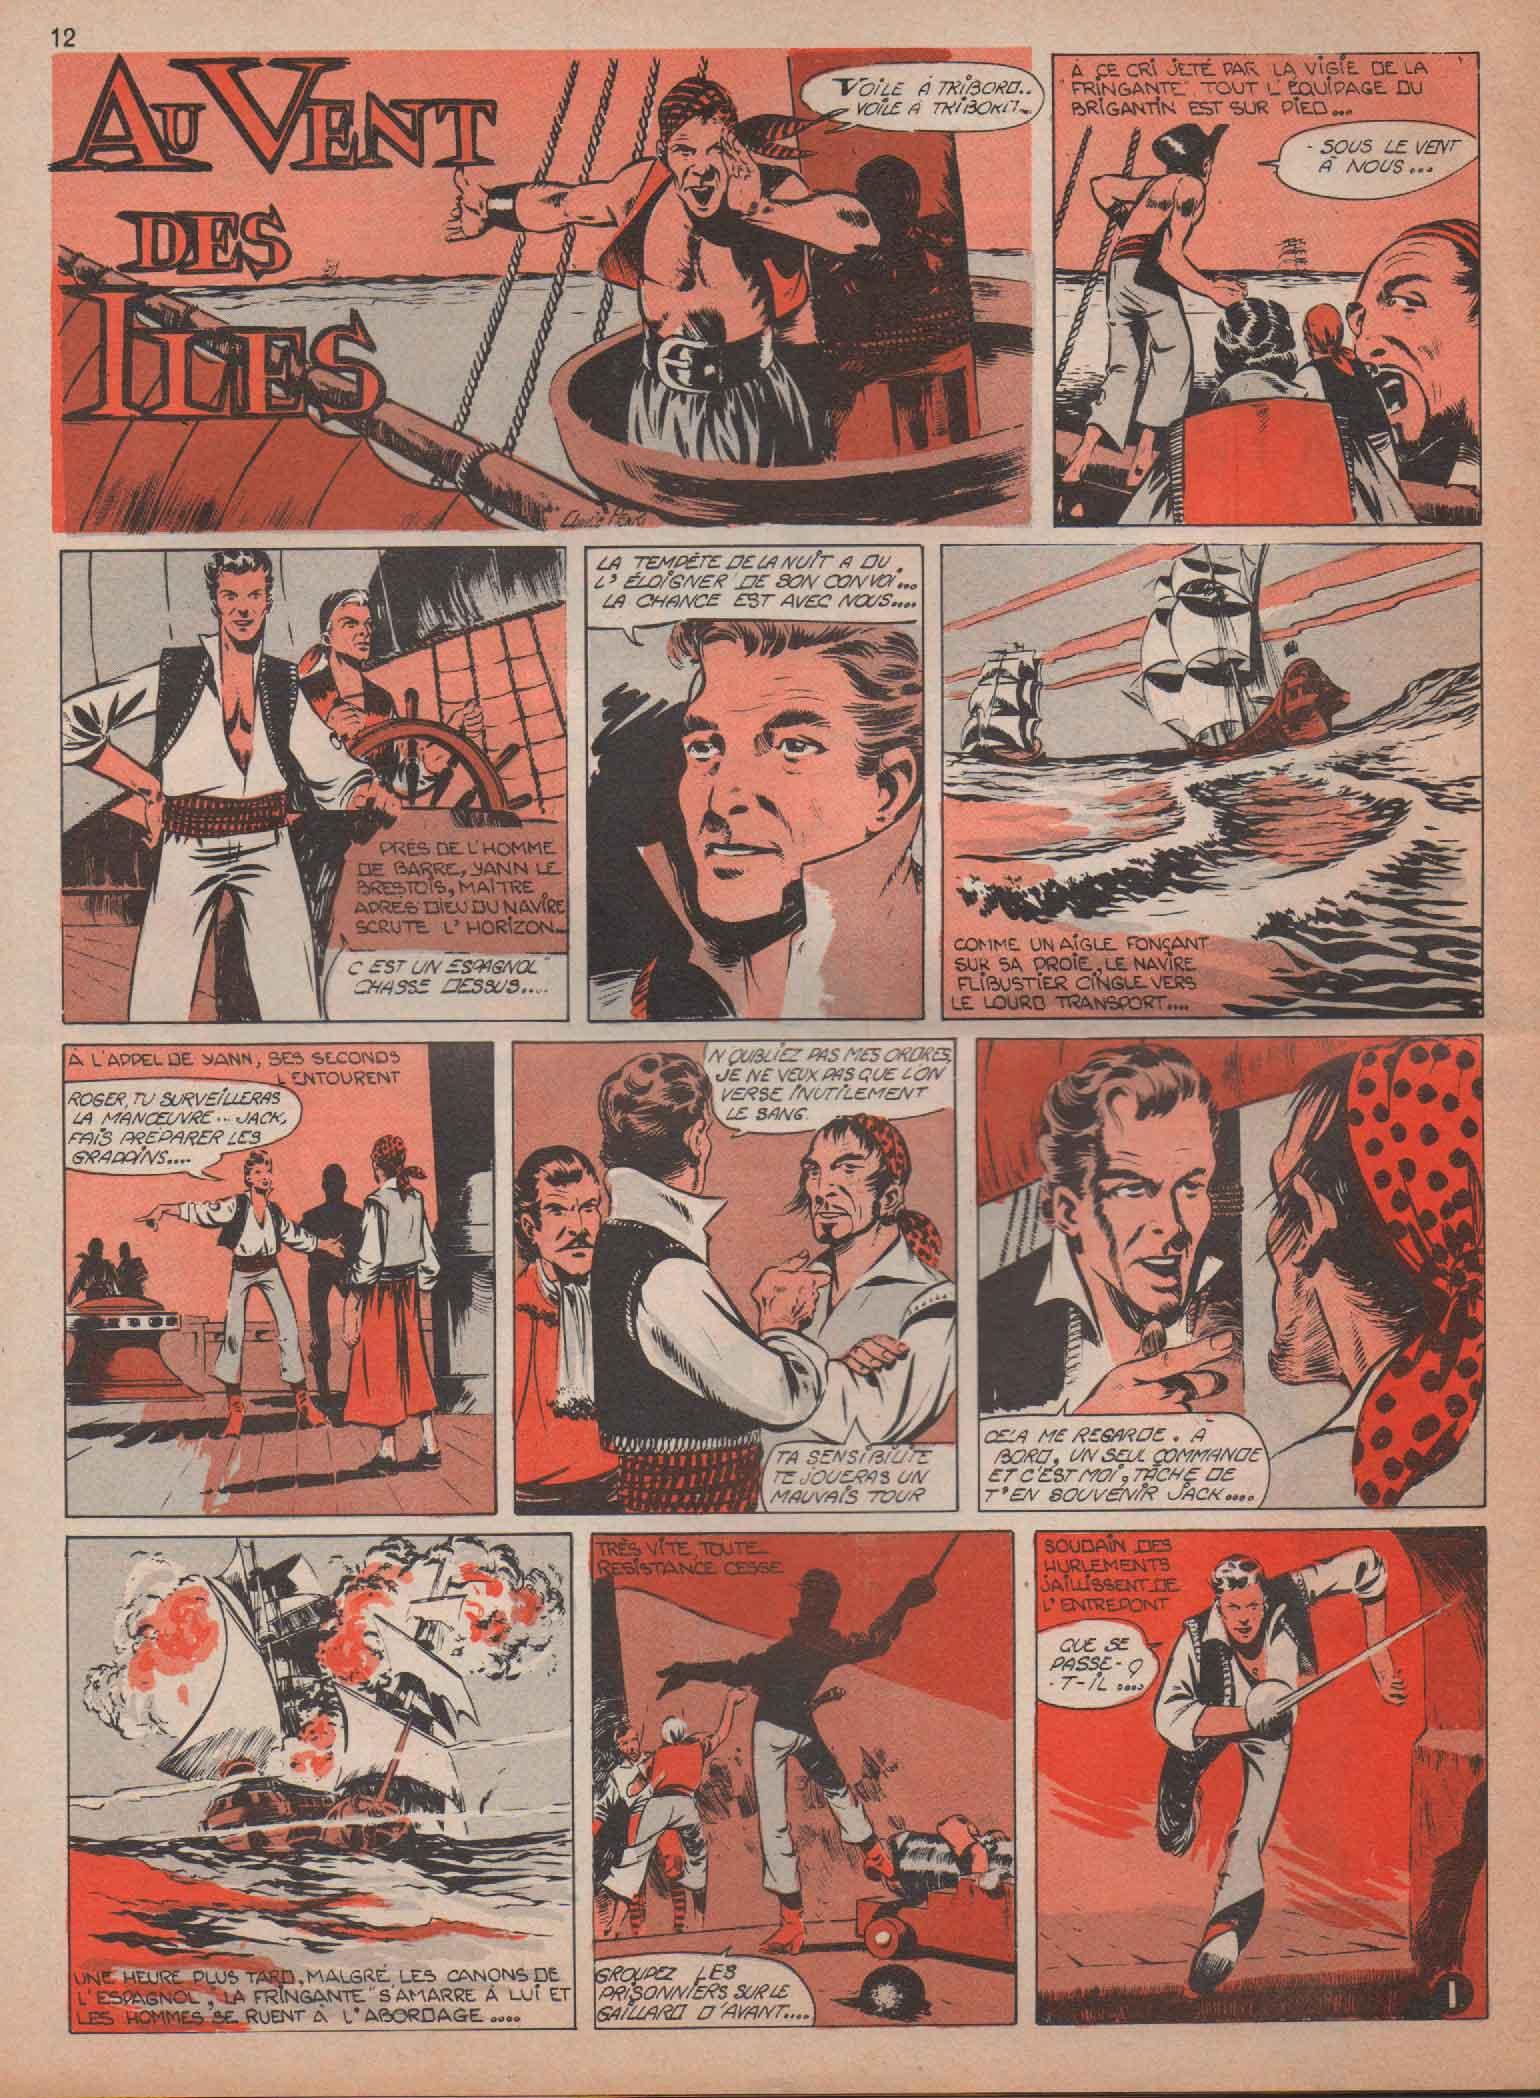 « Au vent des îles » Ima n° 123 (25/01/1958).